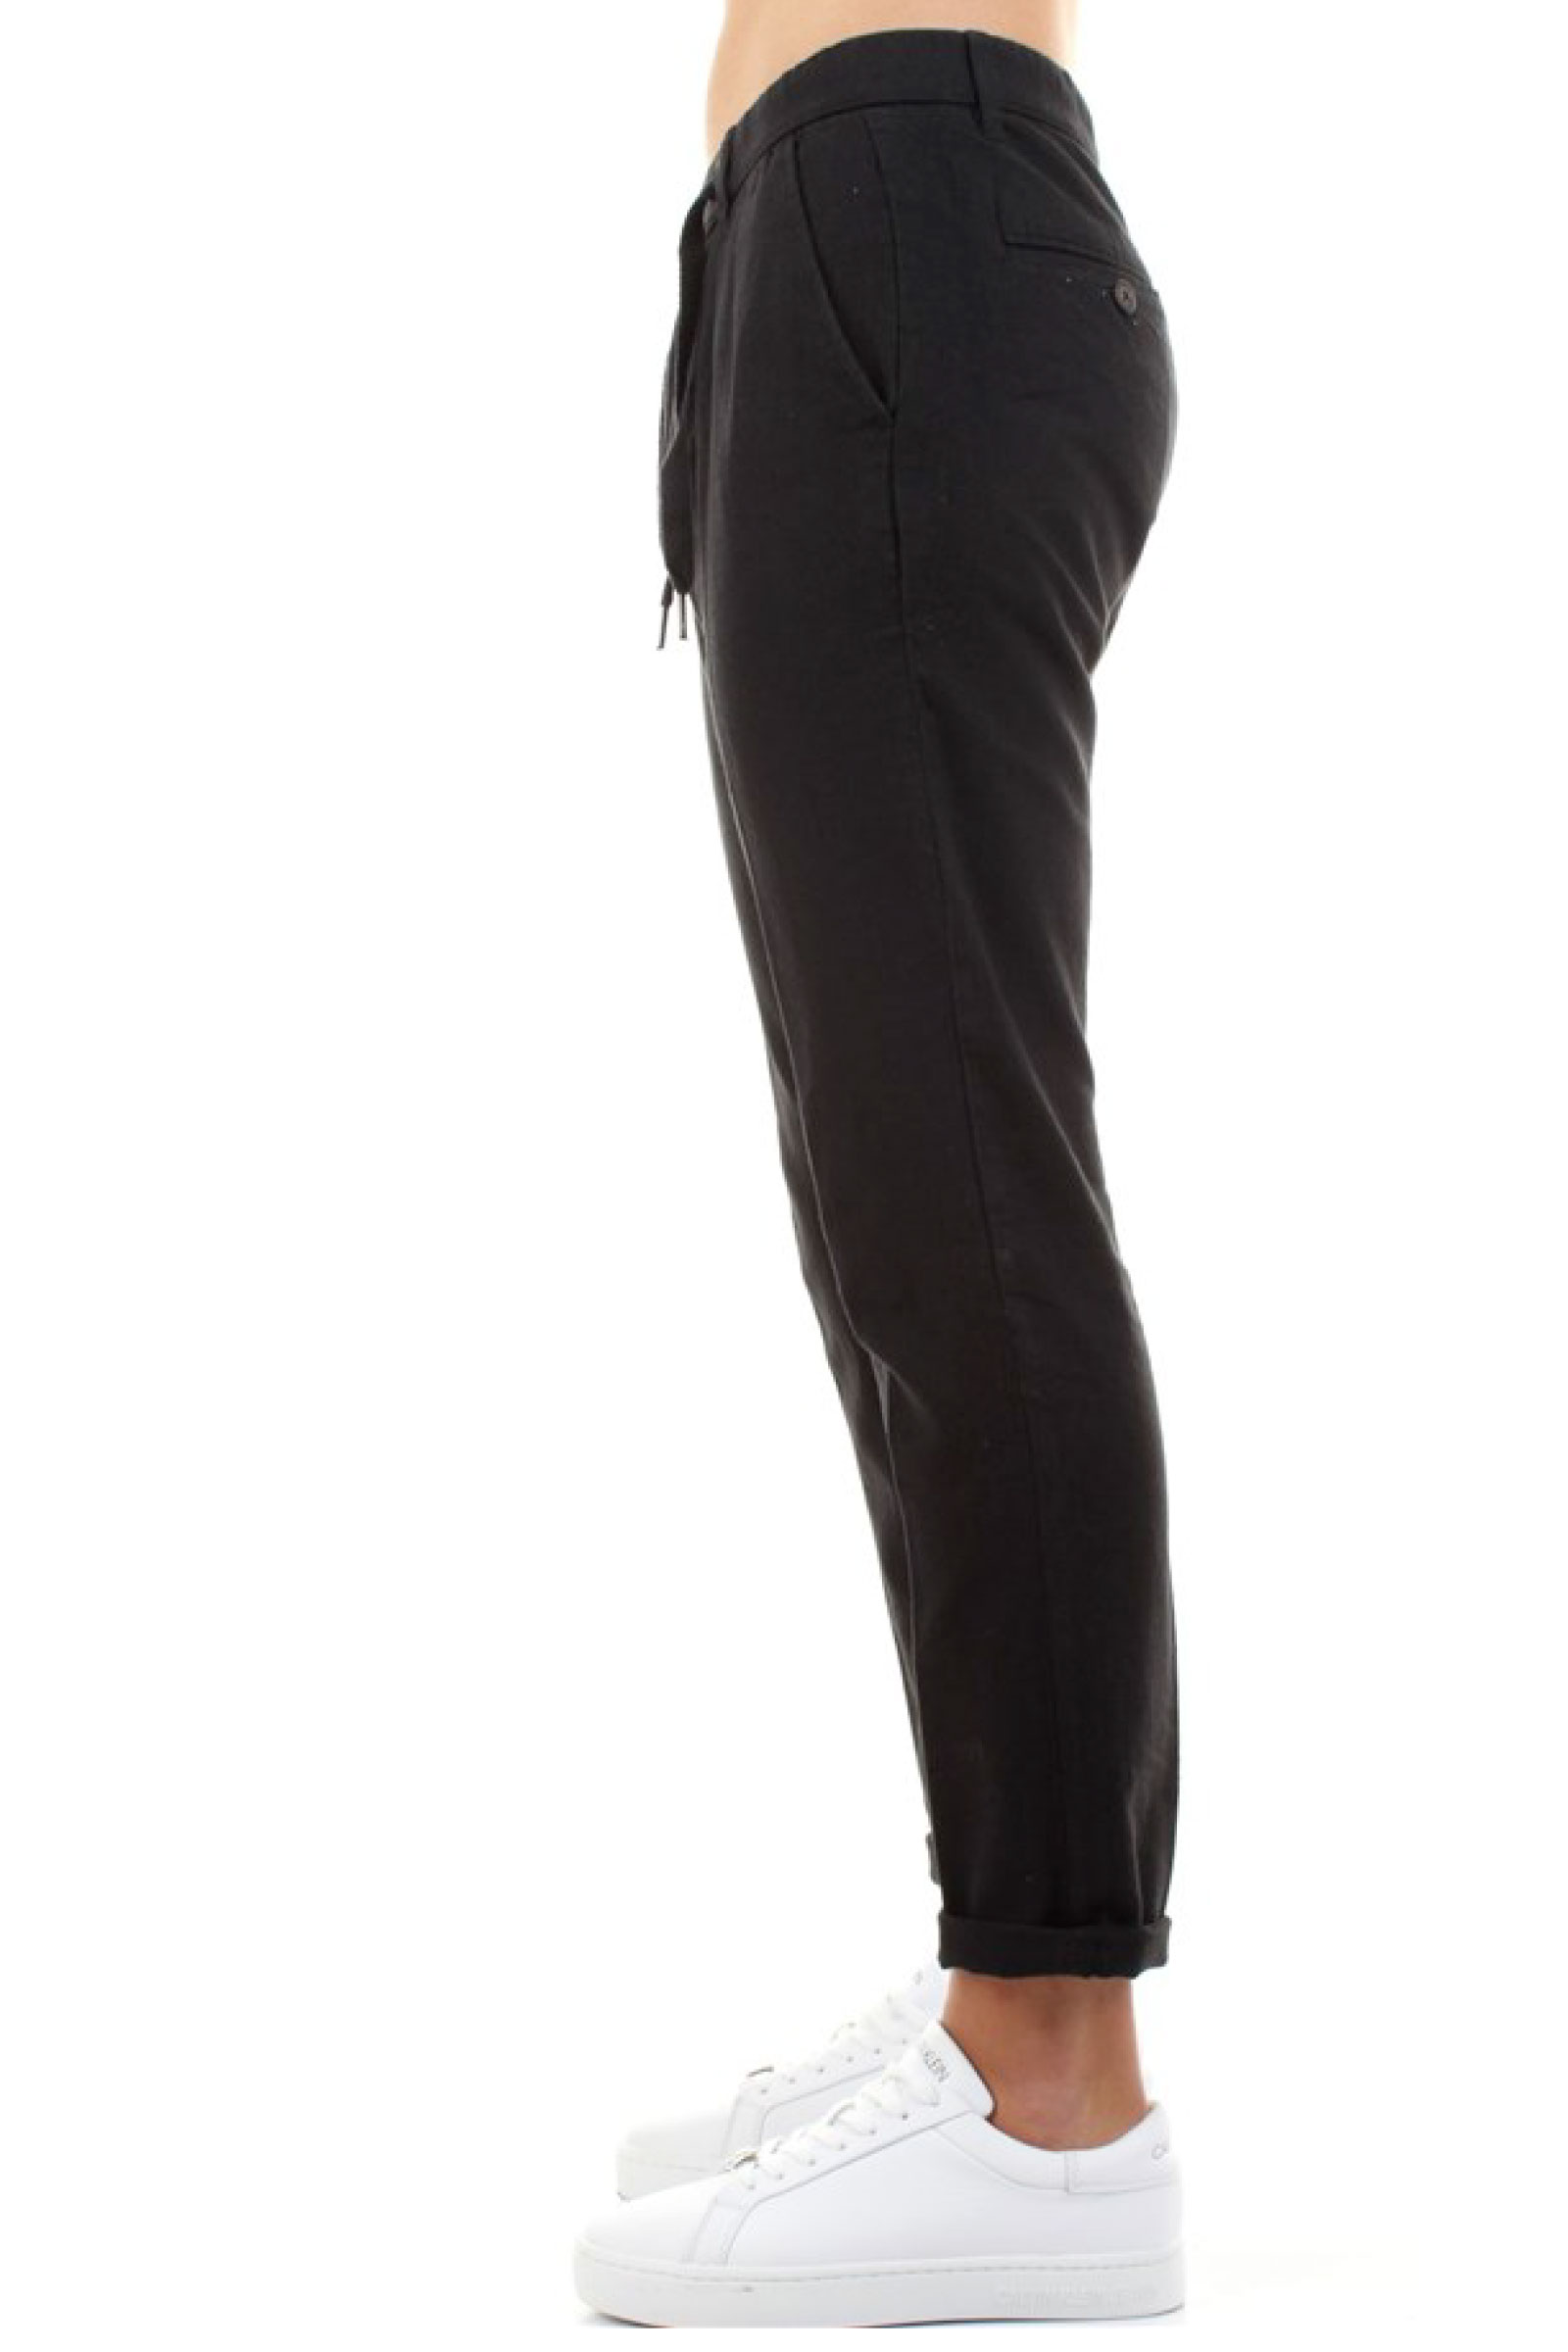 YES.ZEE   Trousers   P683 PN000801